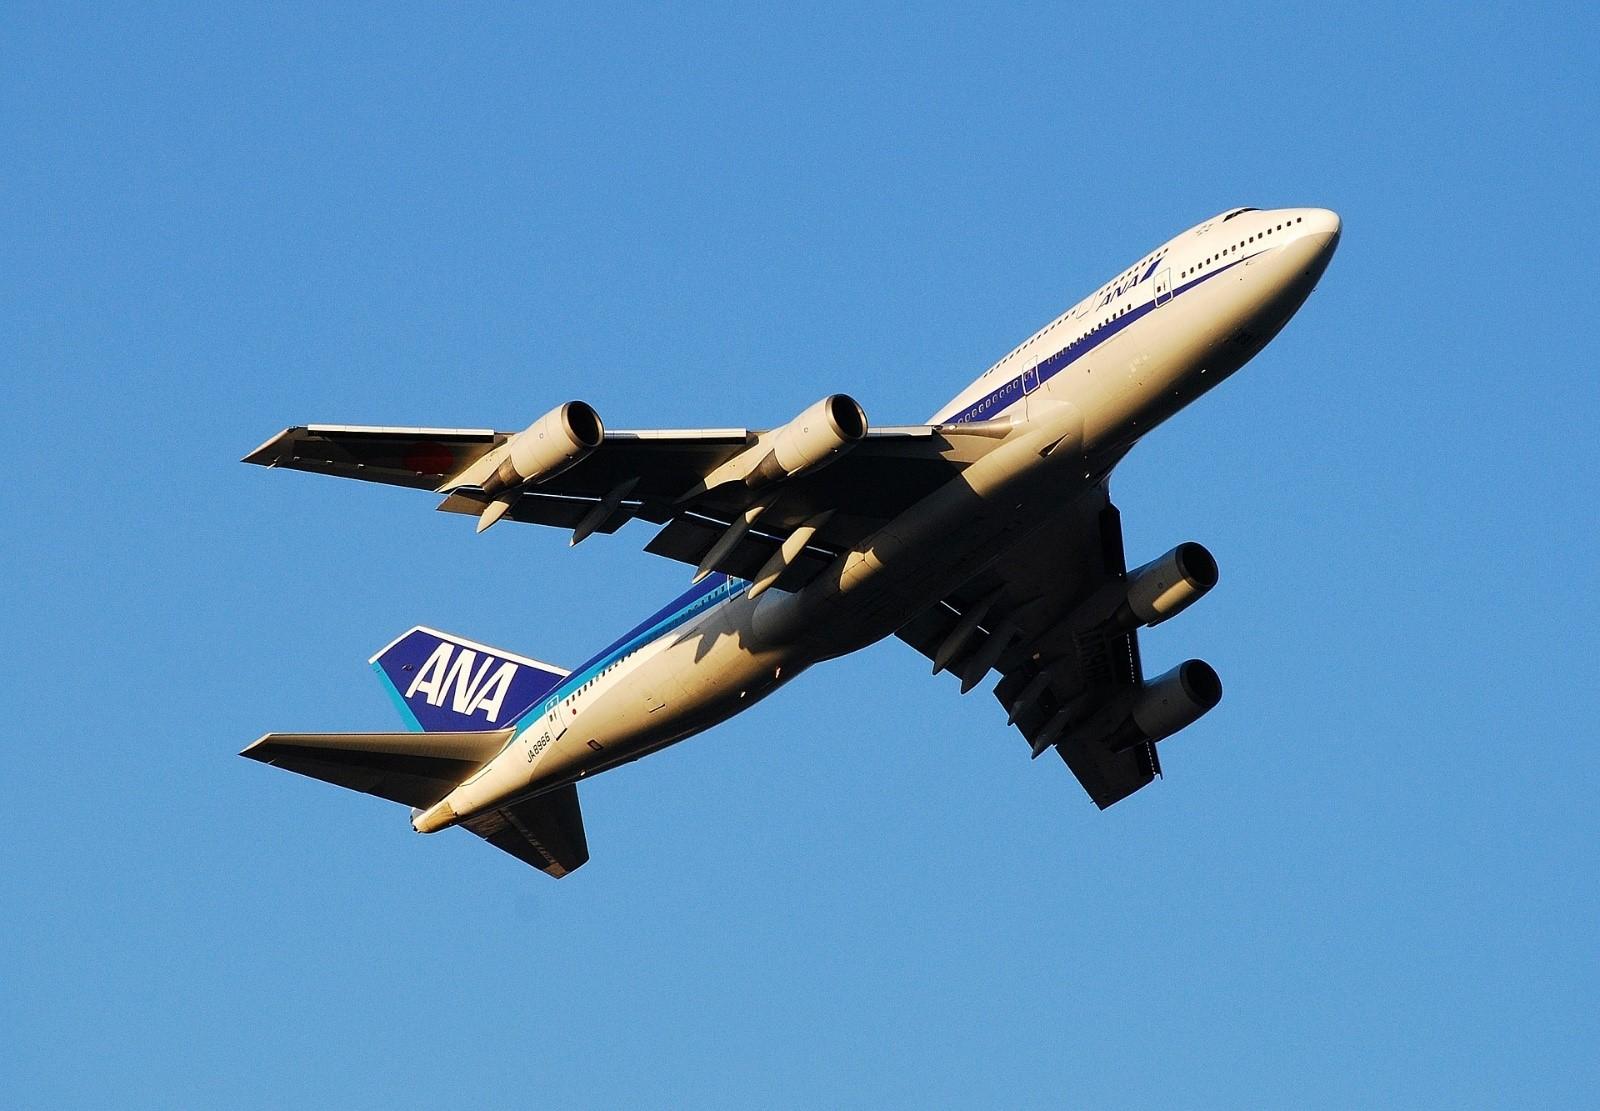 旭川から運航している航空会社